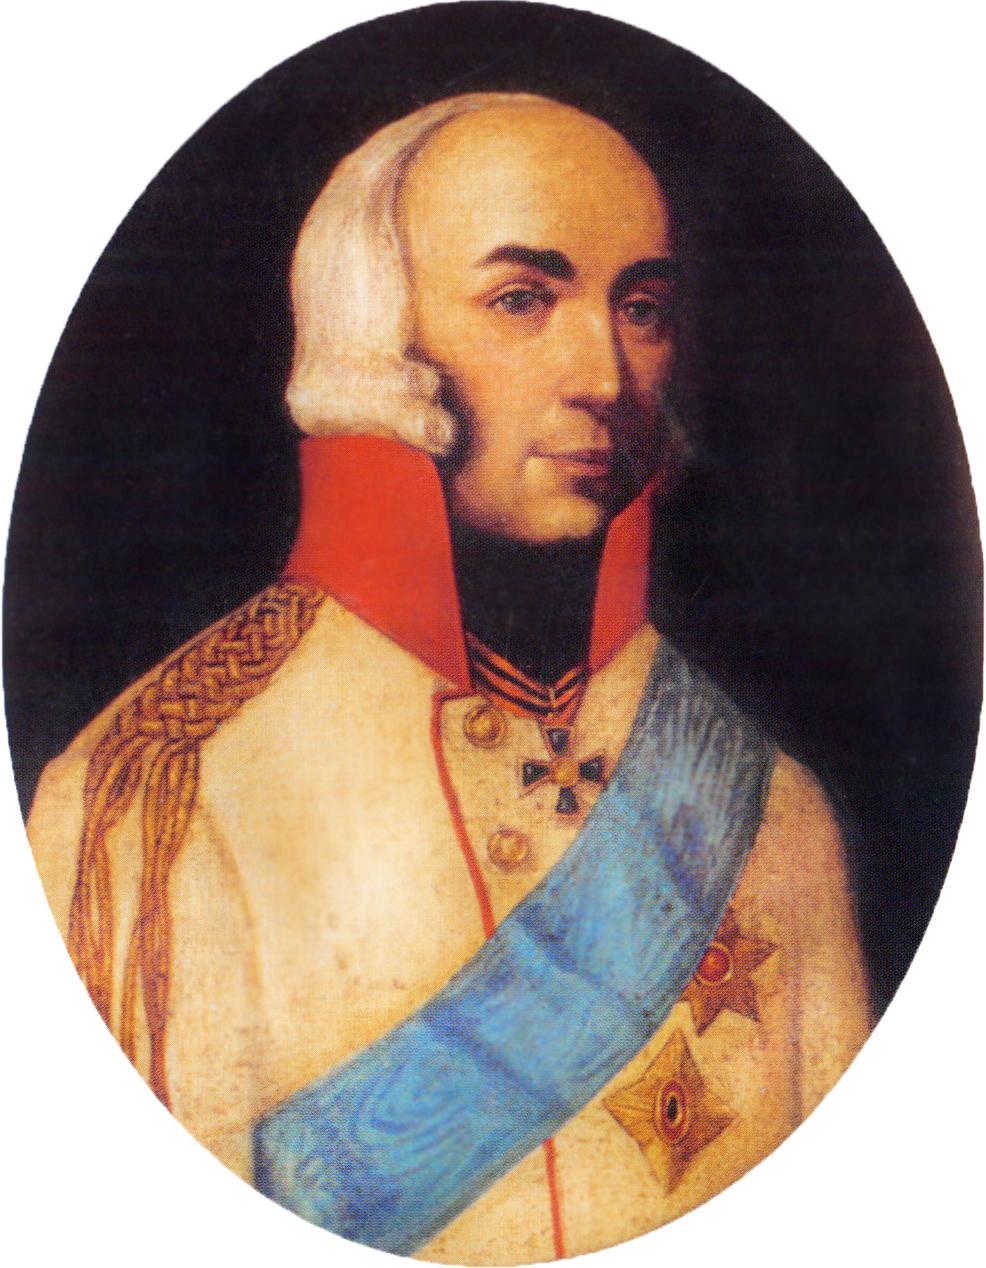 Գեներալ Պ. Դ. Ցիցիանով